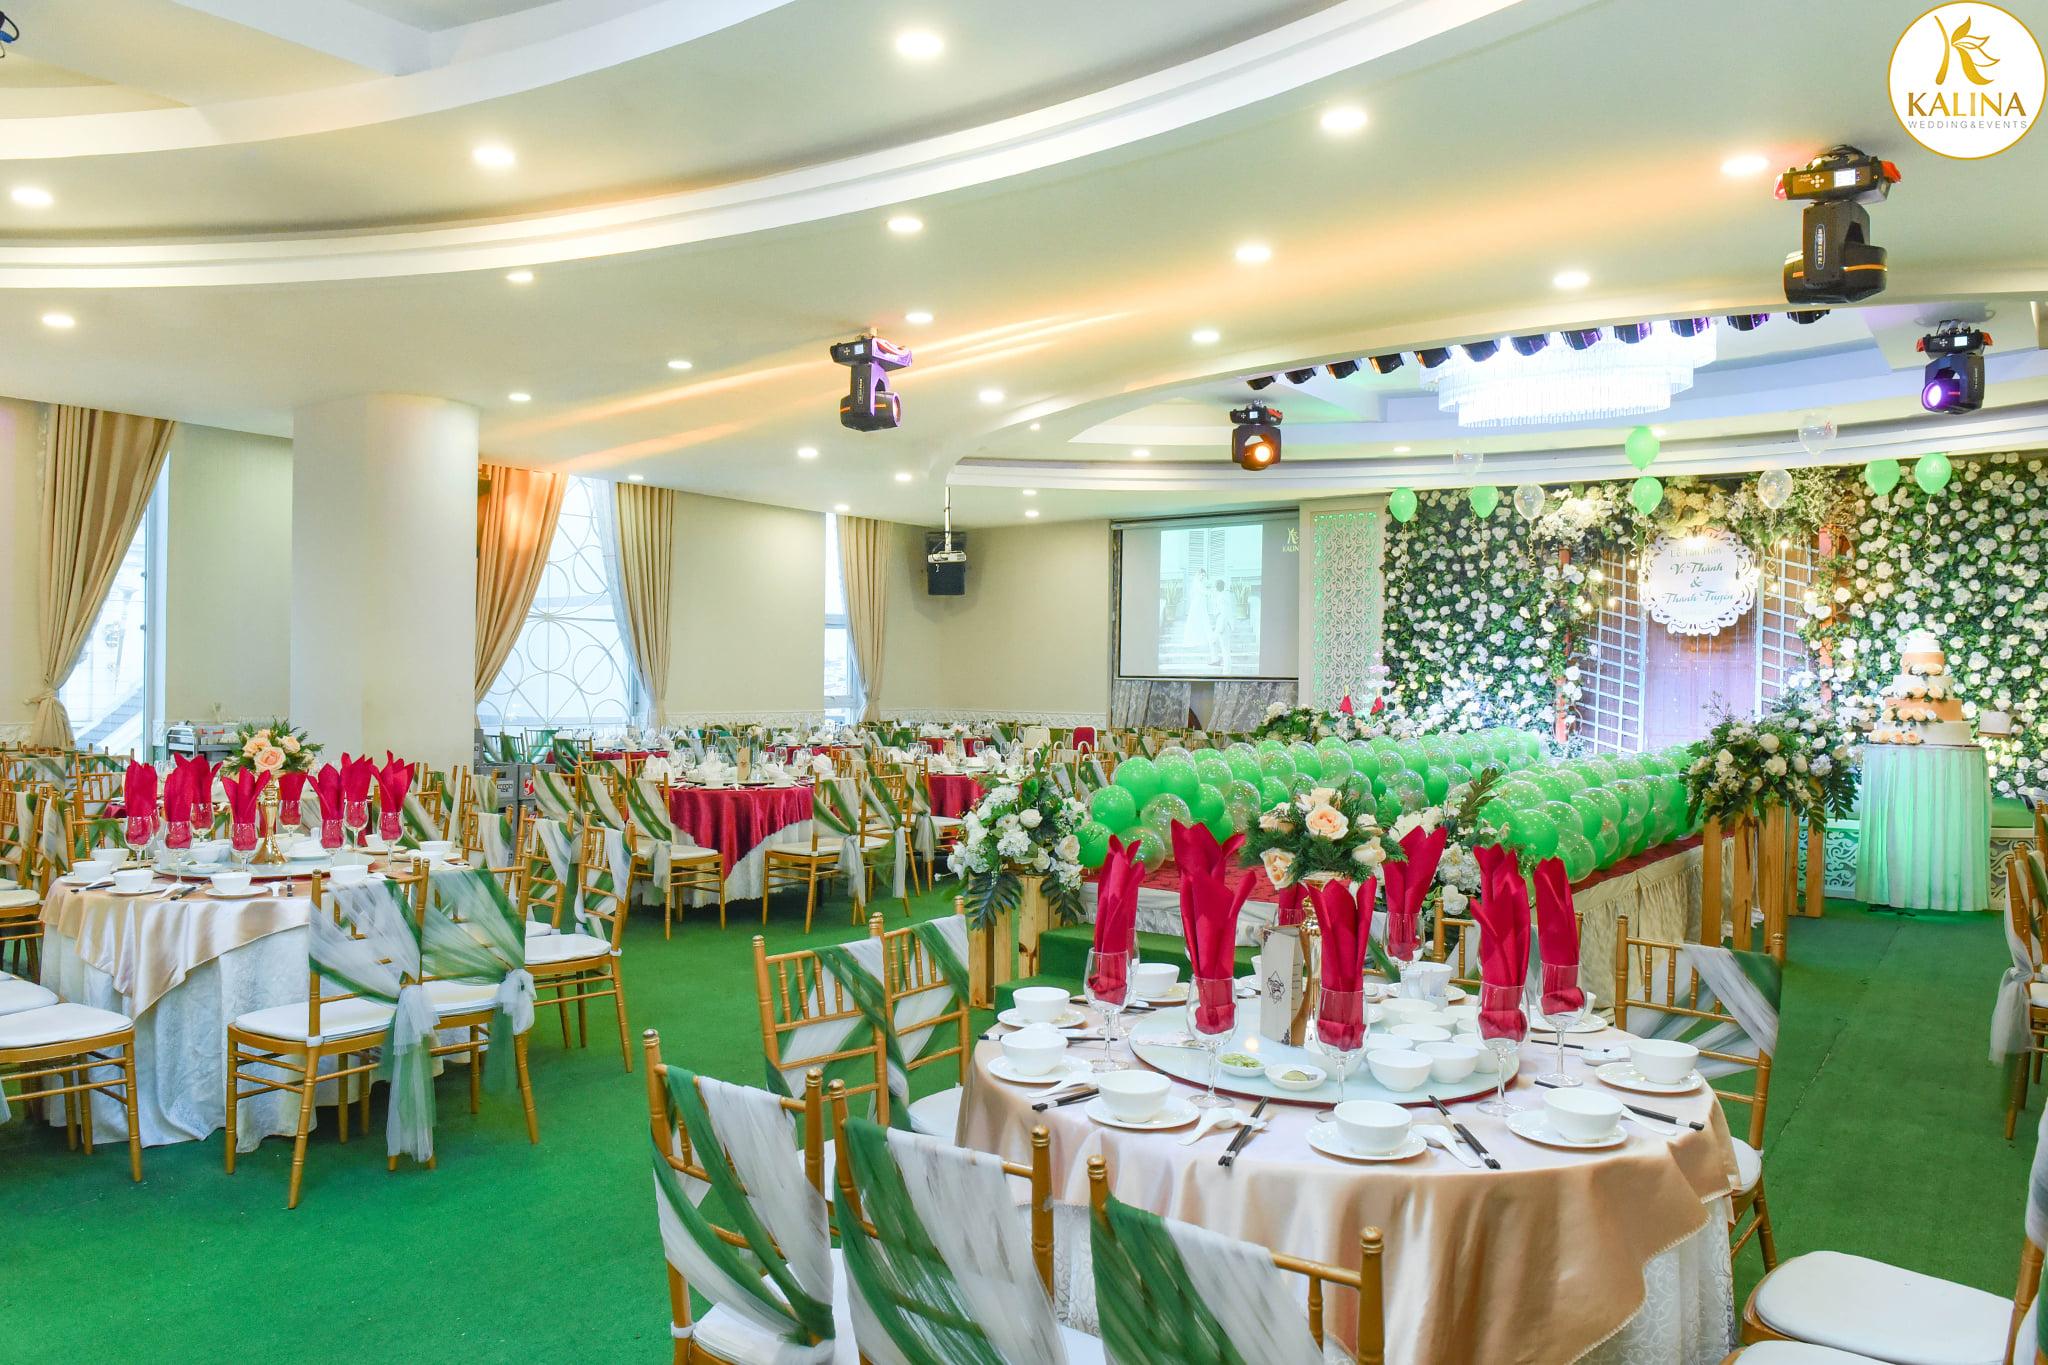 Nhà hàng tiệc cưới Kalina quận Tân Phú